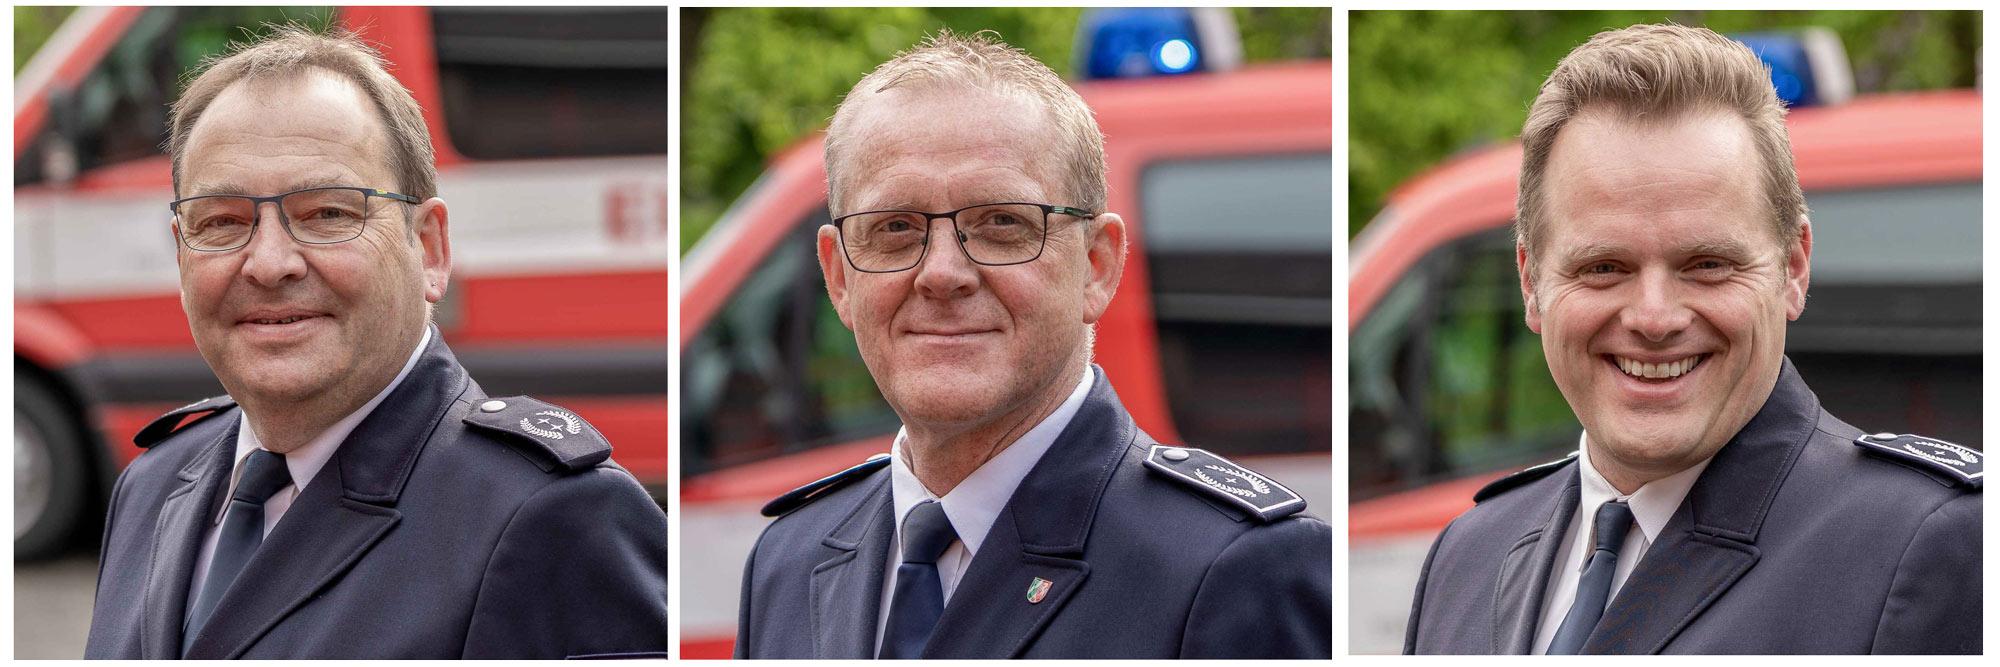 Unser Wehrleitungsteam der Freiwilligen Feuerwehr Billerbeck (07.2020) | © Photo: Jannis Hellmann